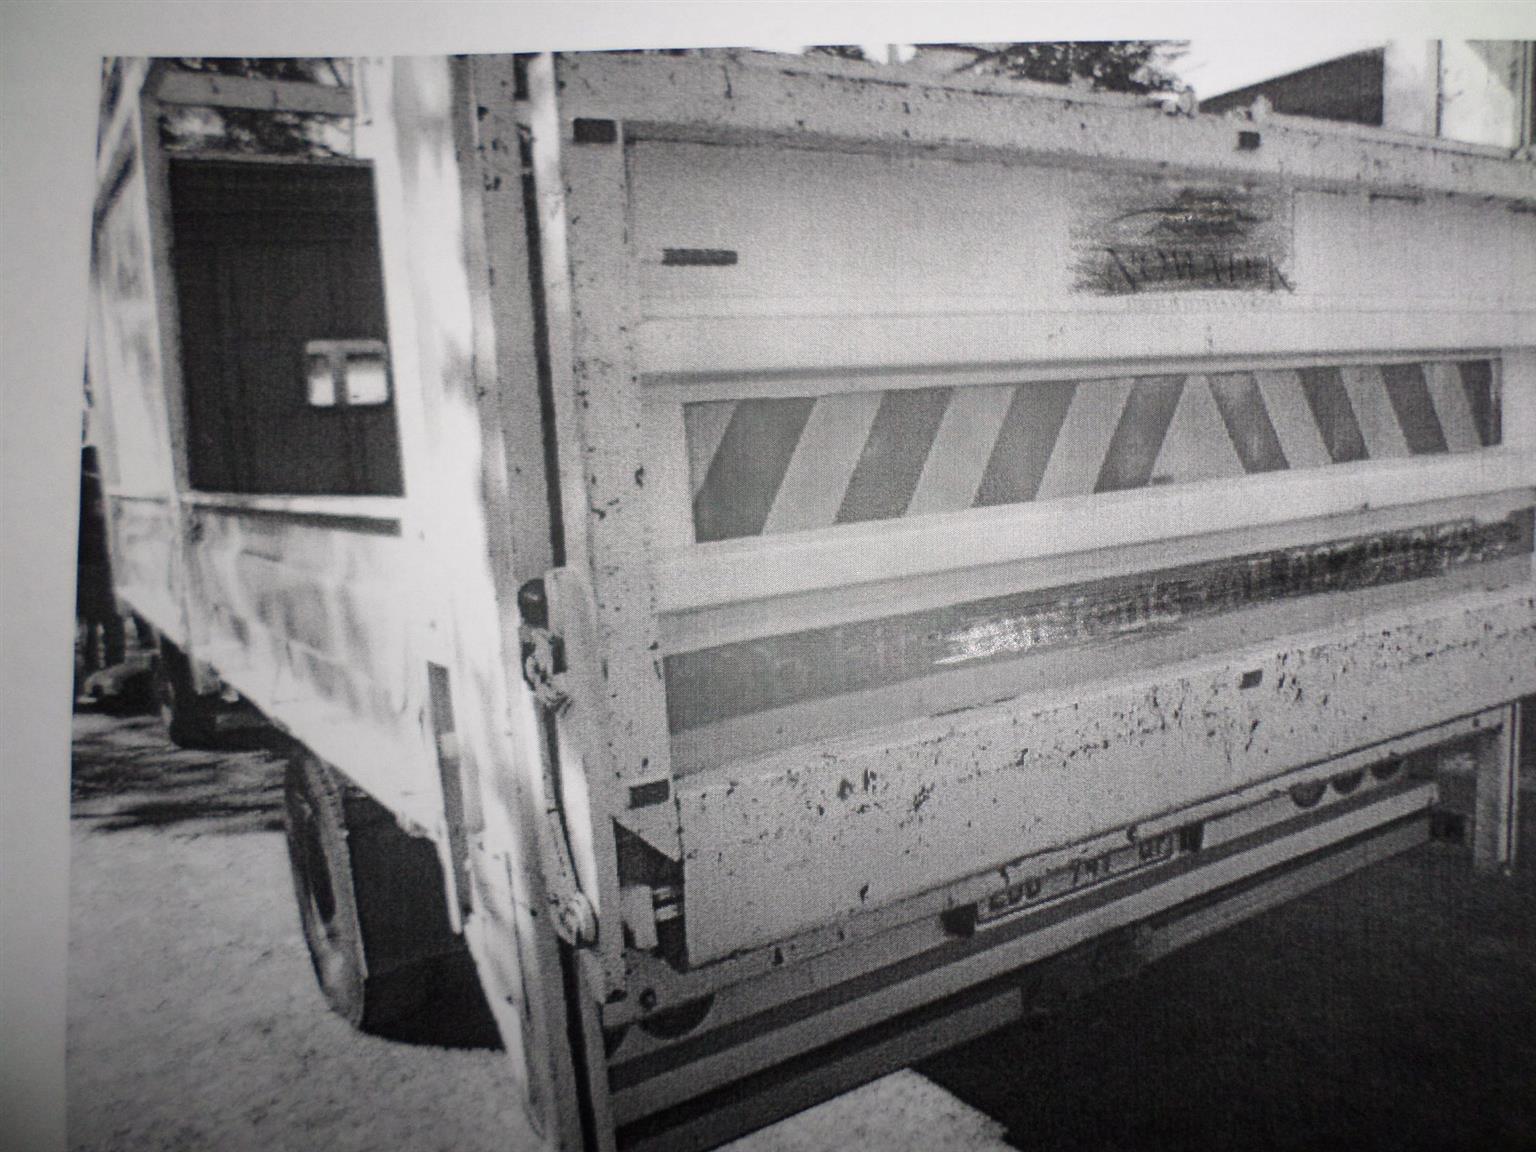 RATCLIFF RV1000 TAILLIFT